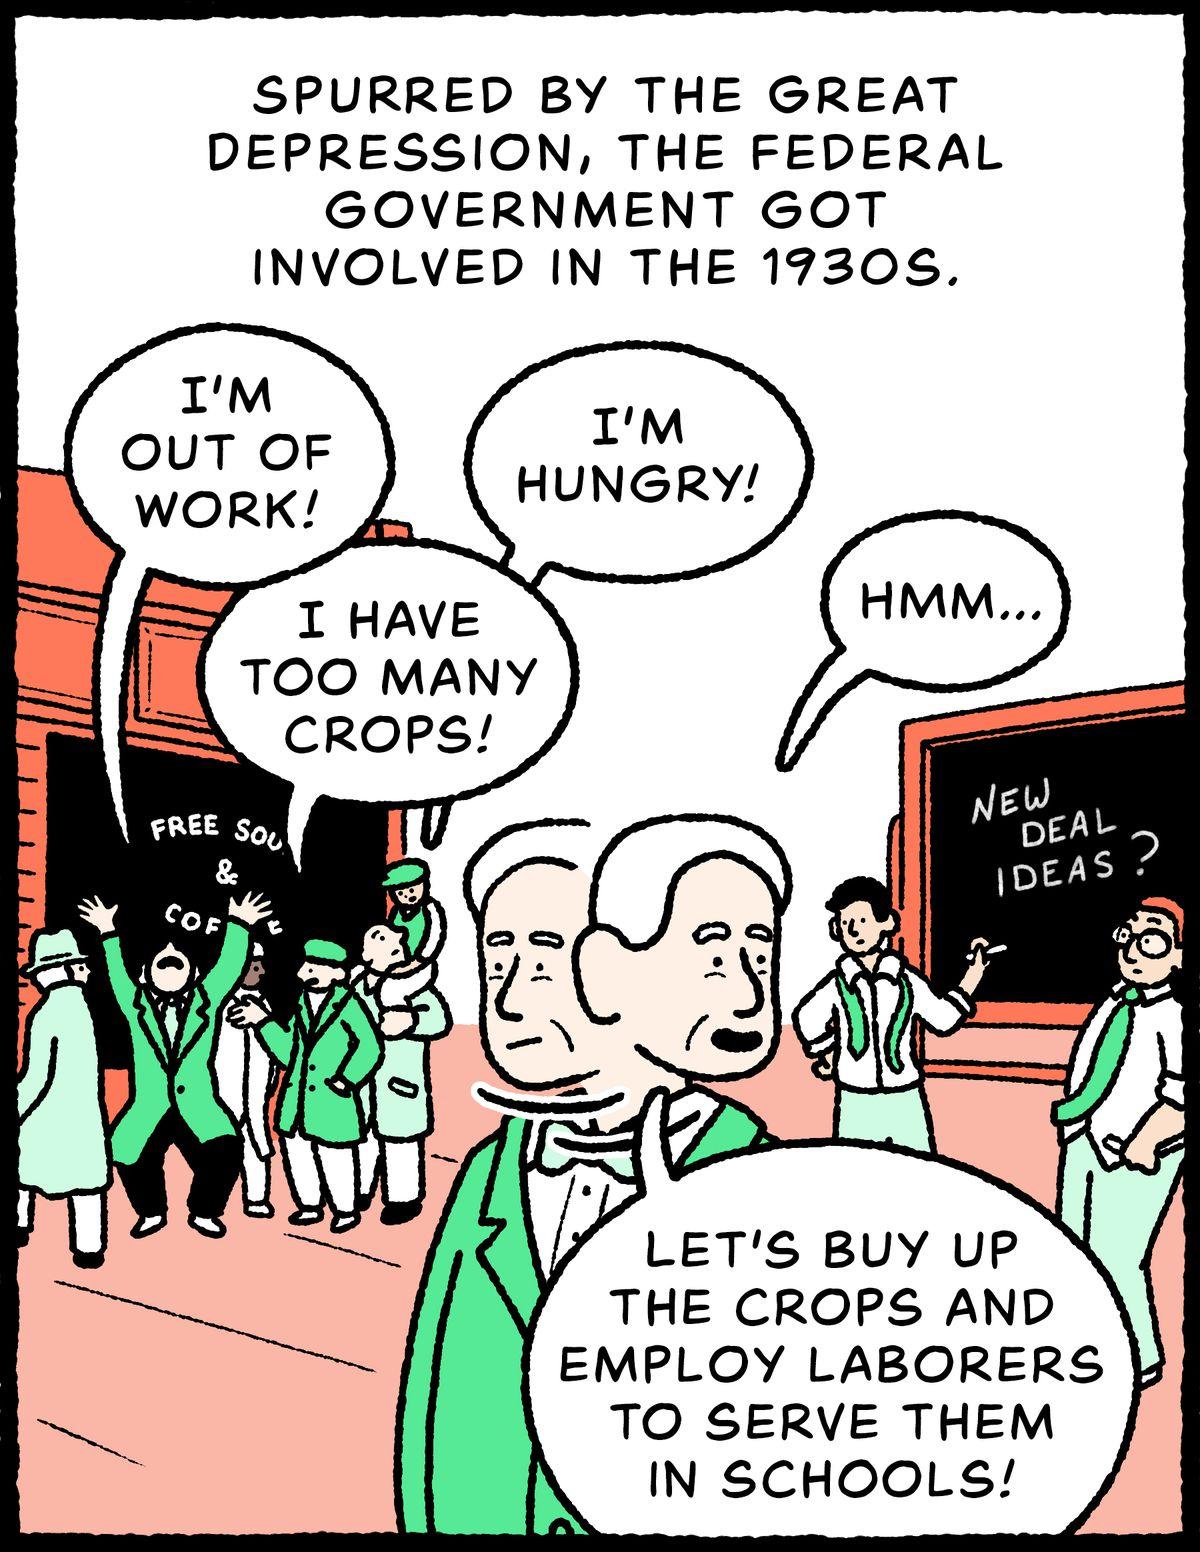 Un fermier, un ouvrier et un enfant.  FDR est au centre, les observe puis tourne à sa gauche.  Sur le côté droit du panneau, une réunion avec un tableau noir sur lequel est inscrit «New Deal Ideas»: stimulé par la Grande Dépression, le gouvernement fédéral s'est impliqué dans les années 1930.  Fermier: J'ai trop de récoltes!  Ouvrier : Je n'ai plus de travail !  Enfant: J'ai faim!  FDR : Hmm… Rachetons les surplus de récolte et employons des ouvriers pour les cuisiner et les servir dans les écoles !